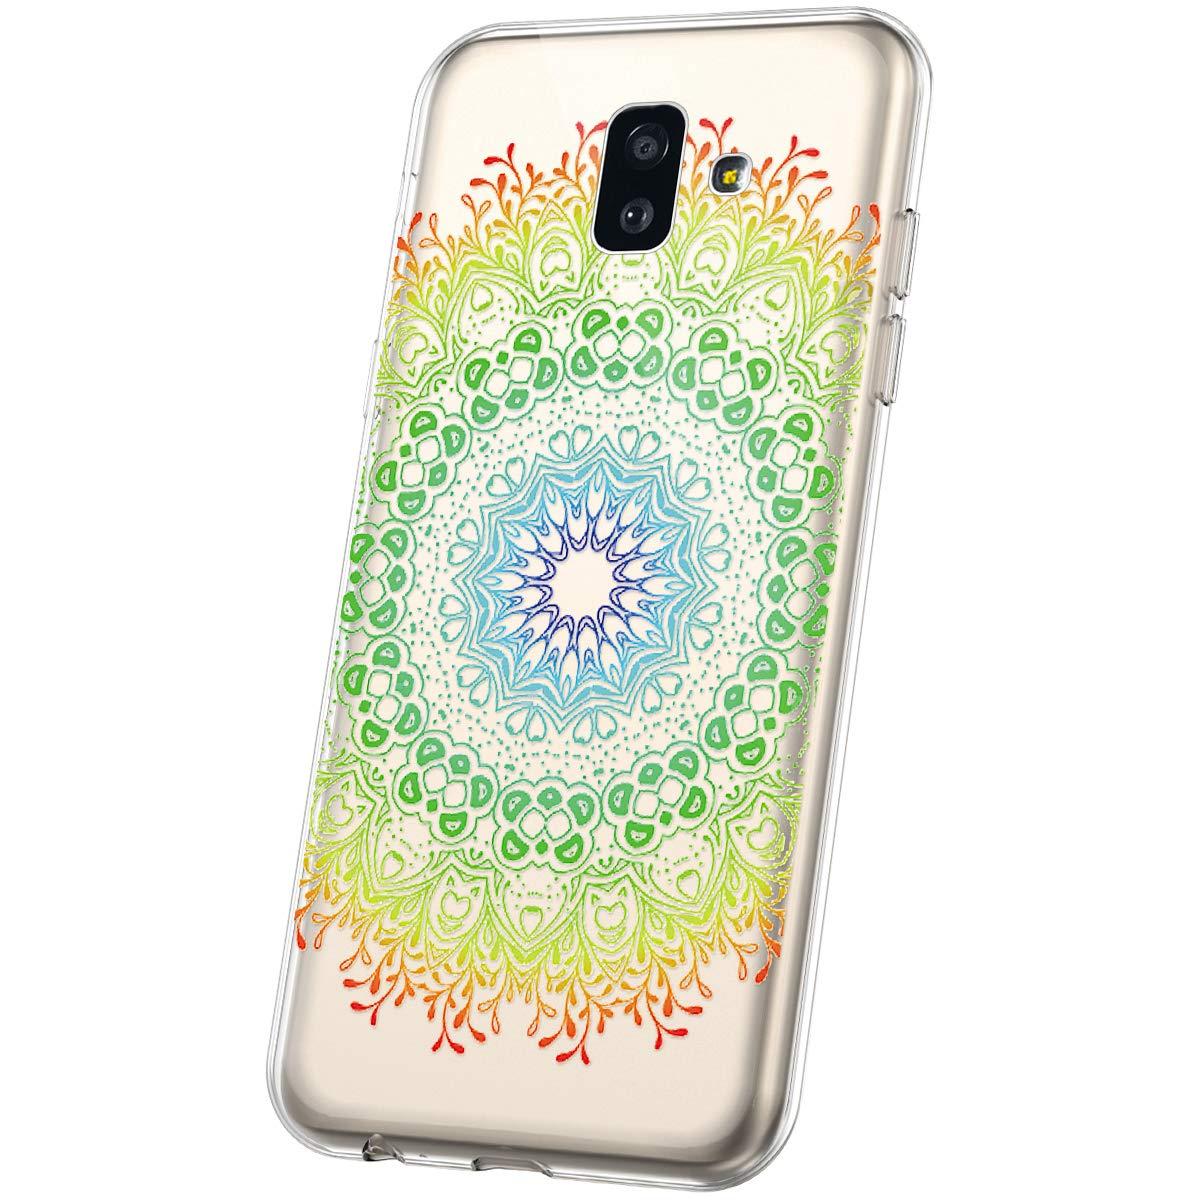 MoreChioce Coque Galaxy J6 Plus 2018,compatible avec Coque Samsung Galaxy J6 Plus 2018 Mandala,Jolie Henn/é Tribal Fleur Transparente Silicone TPU /Étui Antichoc Housse Souple Gel Bumper,Mandala #7